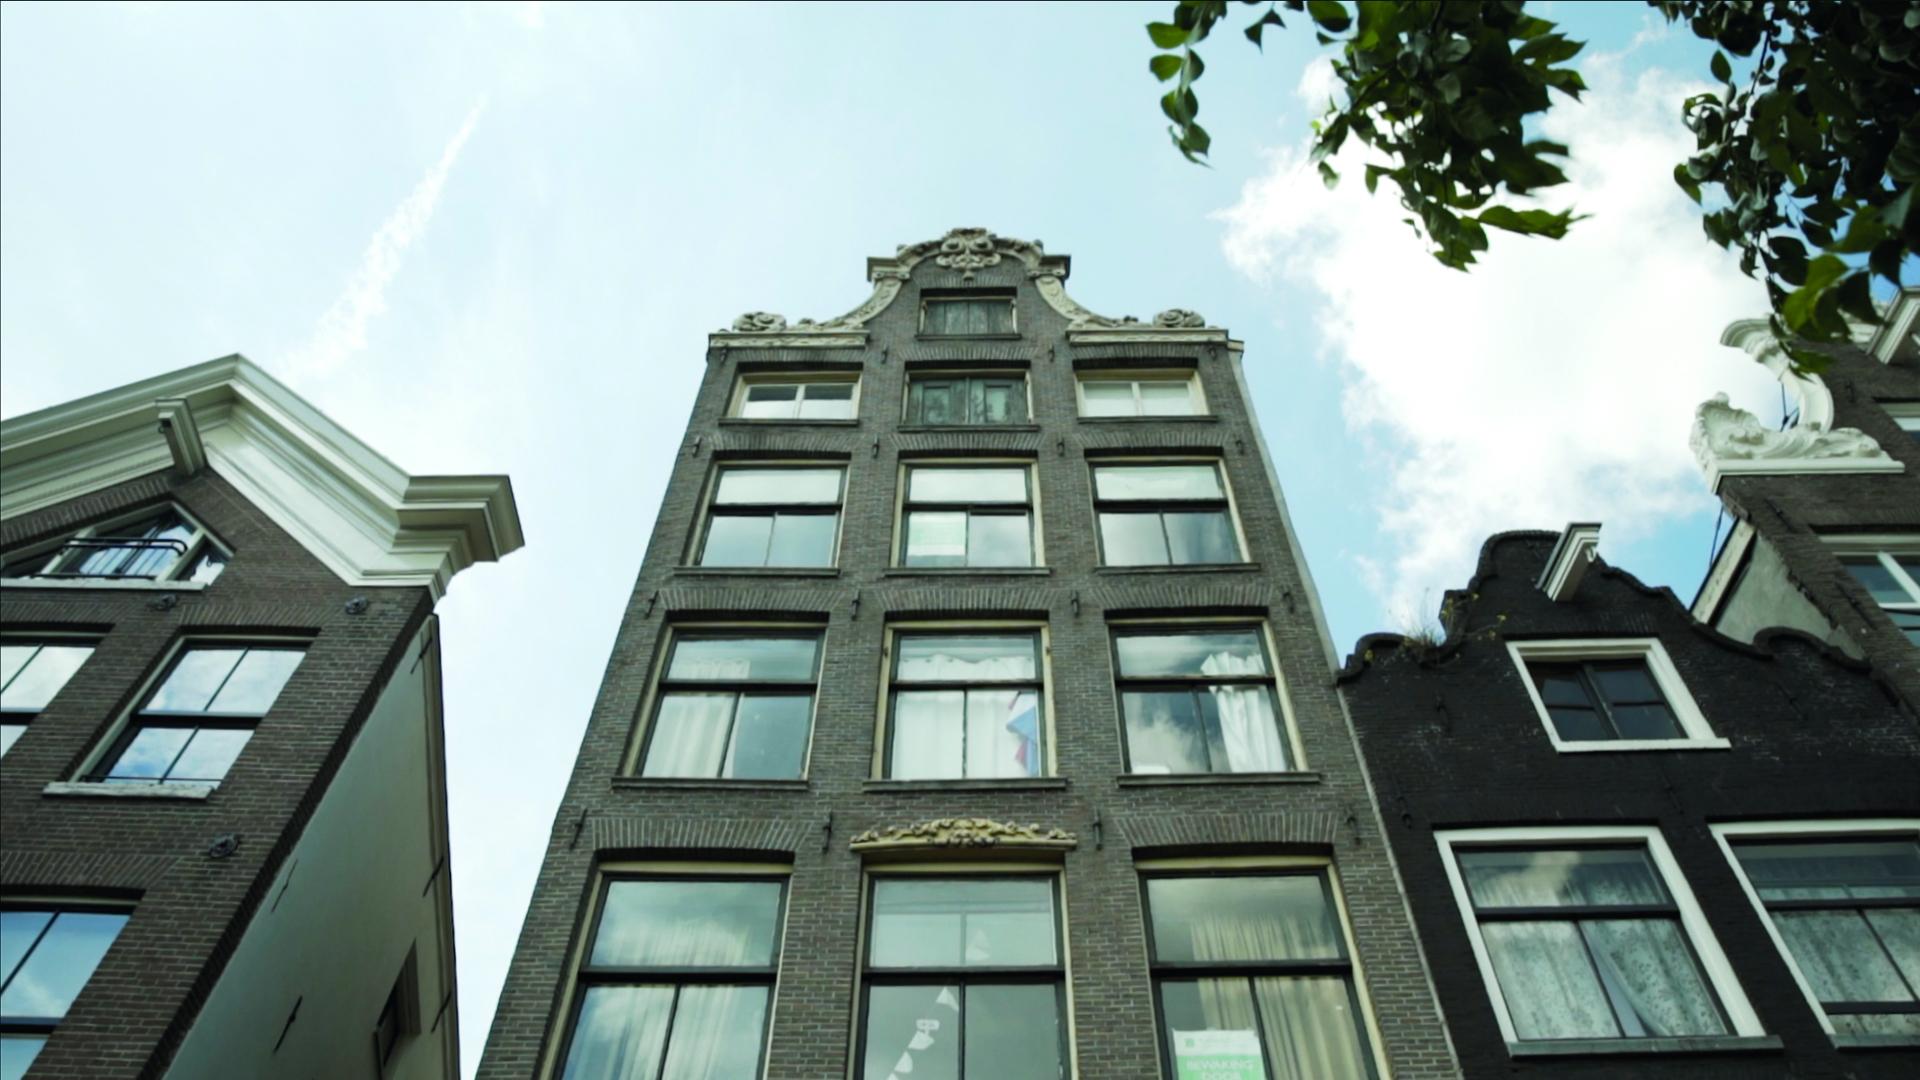 Gevel van monumentaal pand in Amsterdam